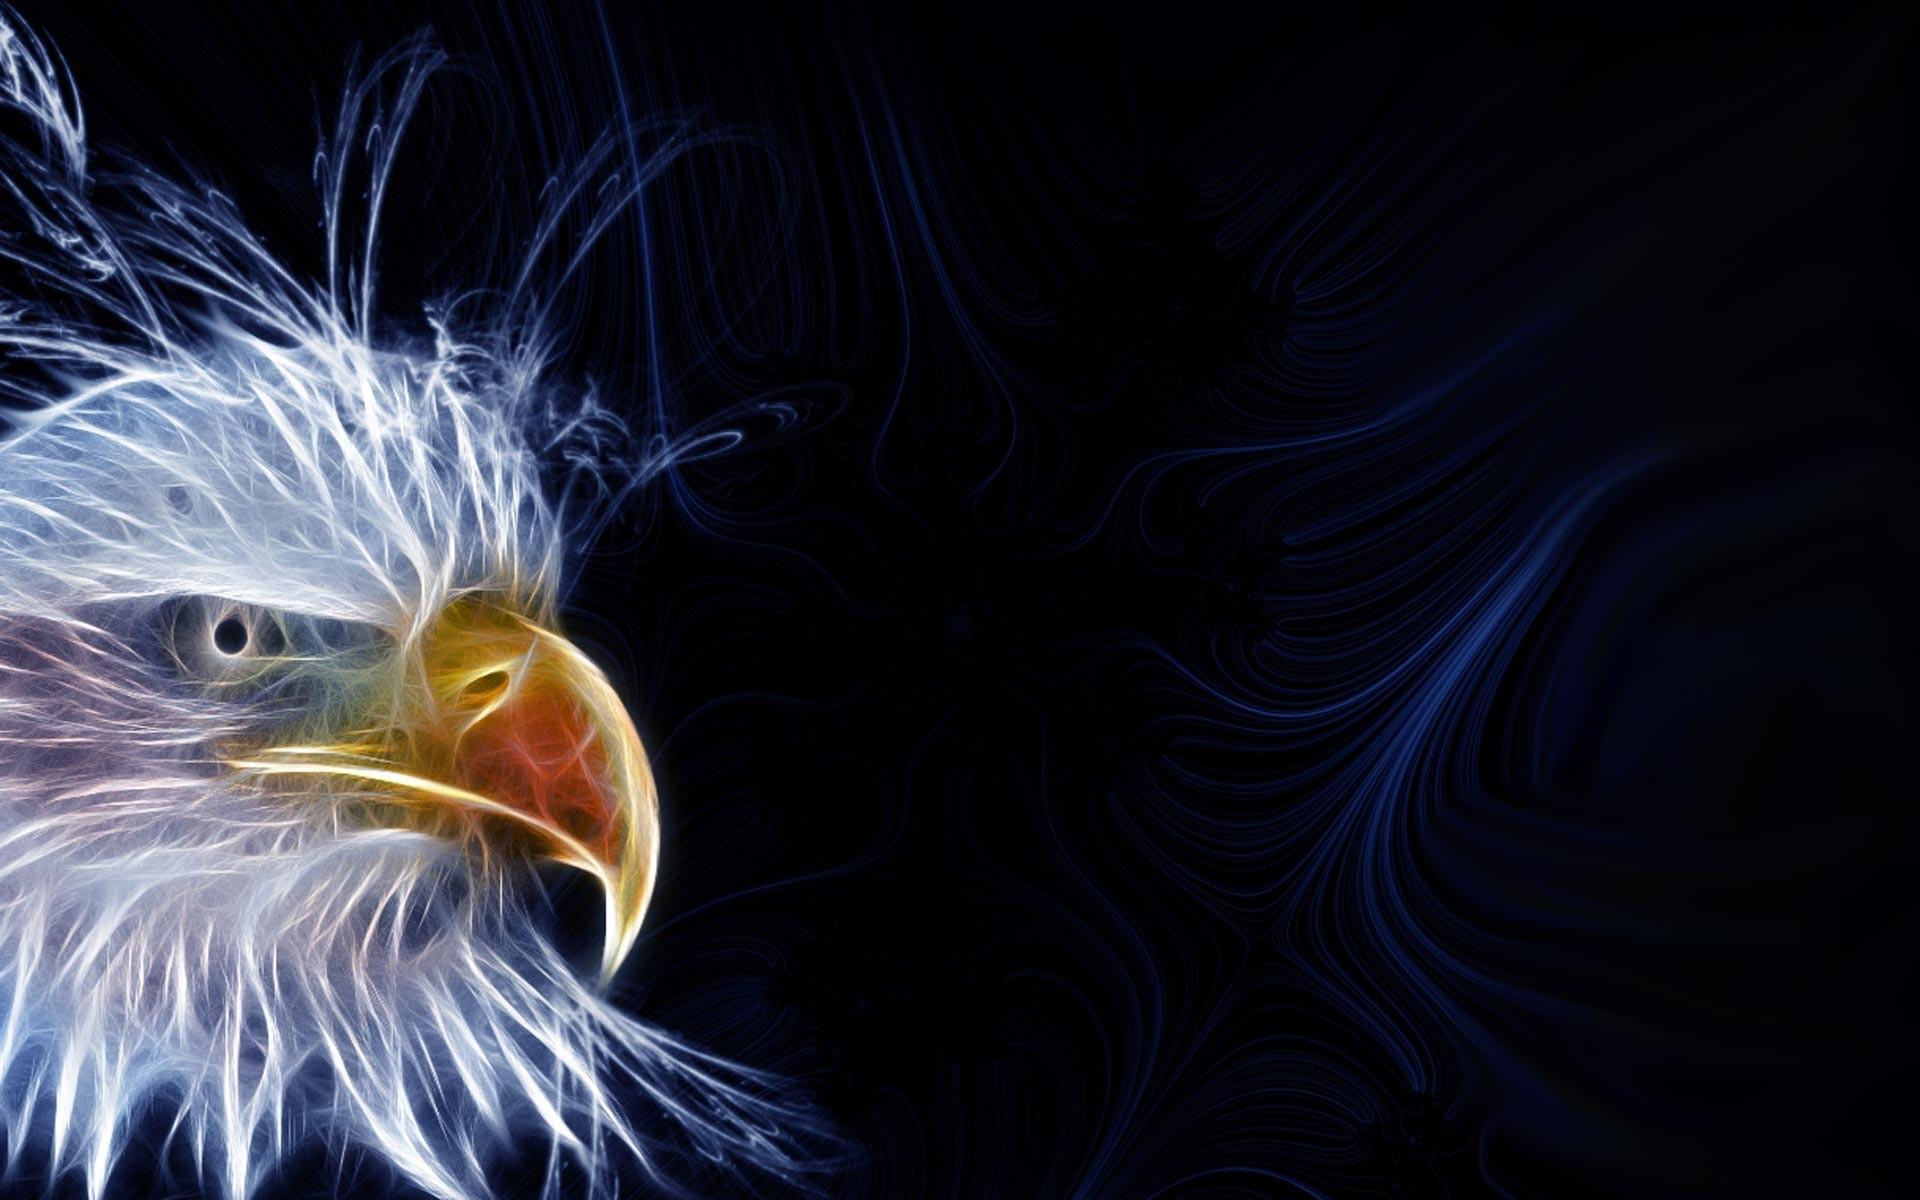 Eagle Desktop Wallpaper 73 Images